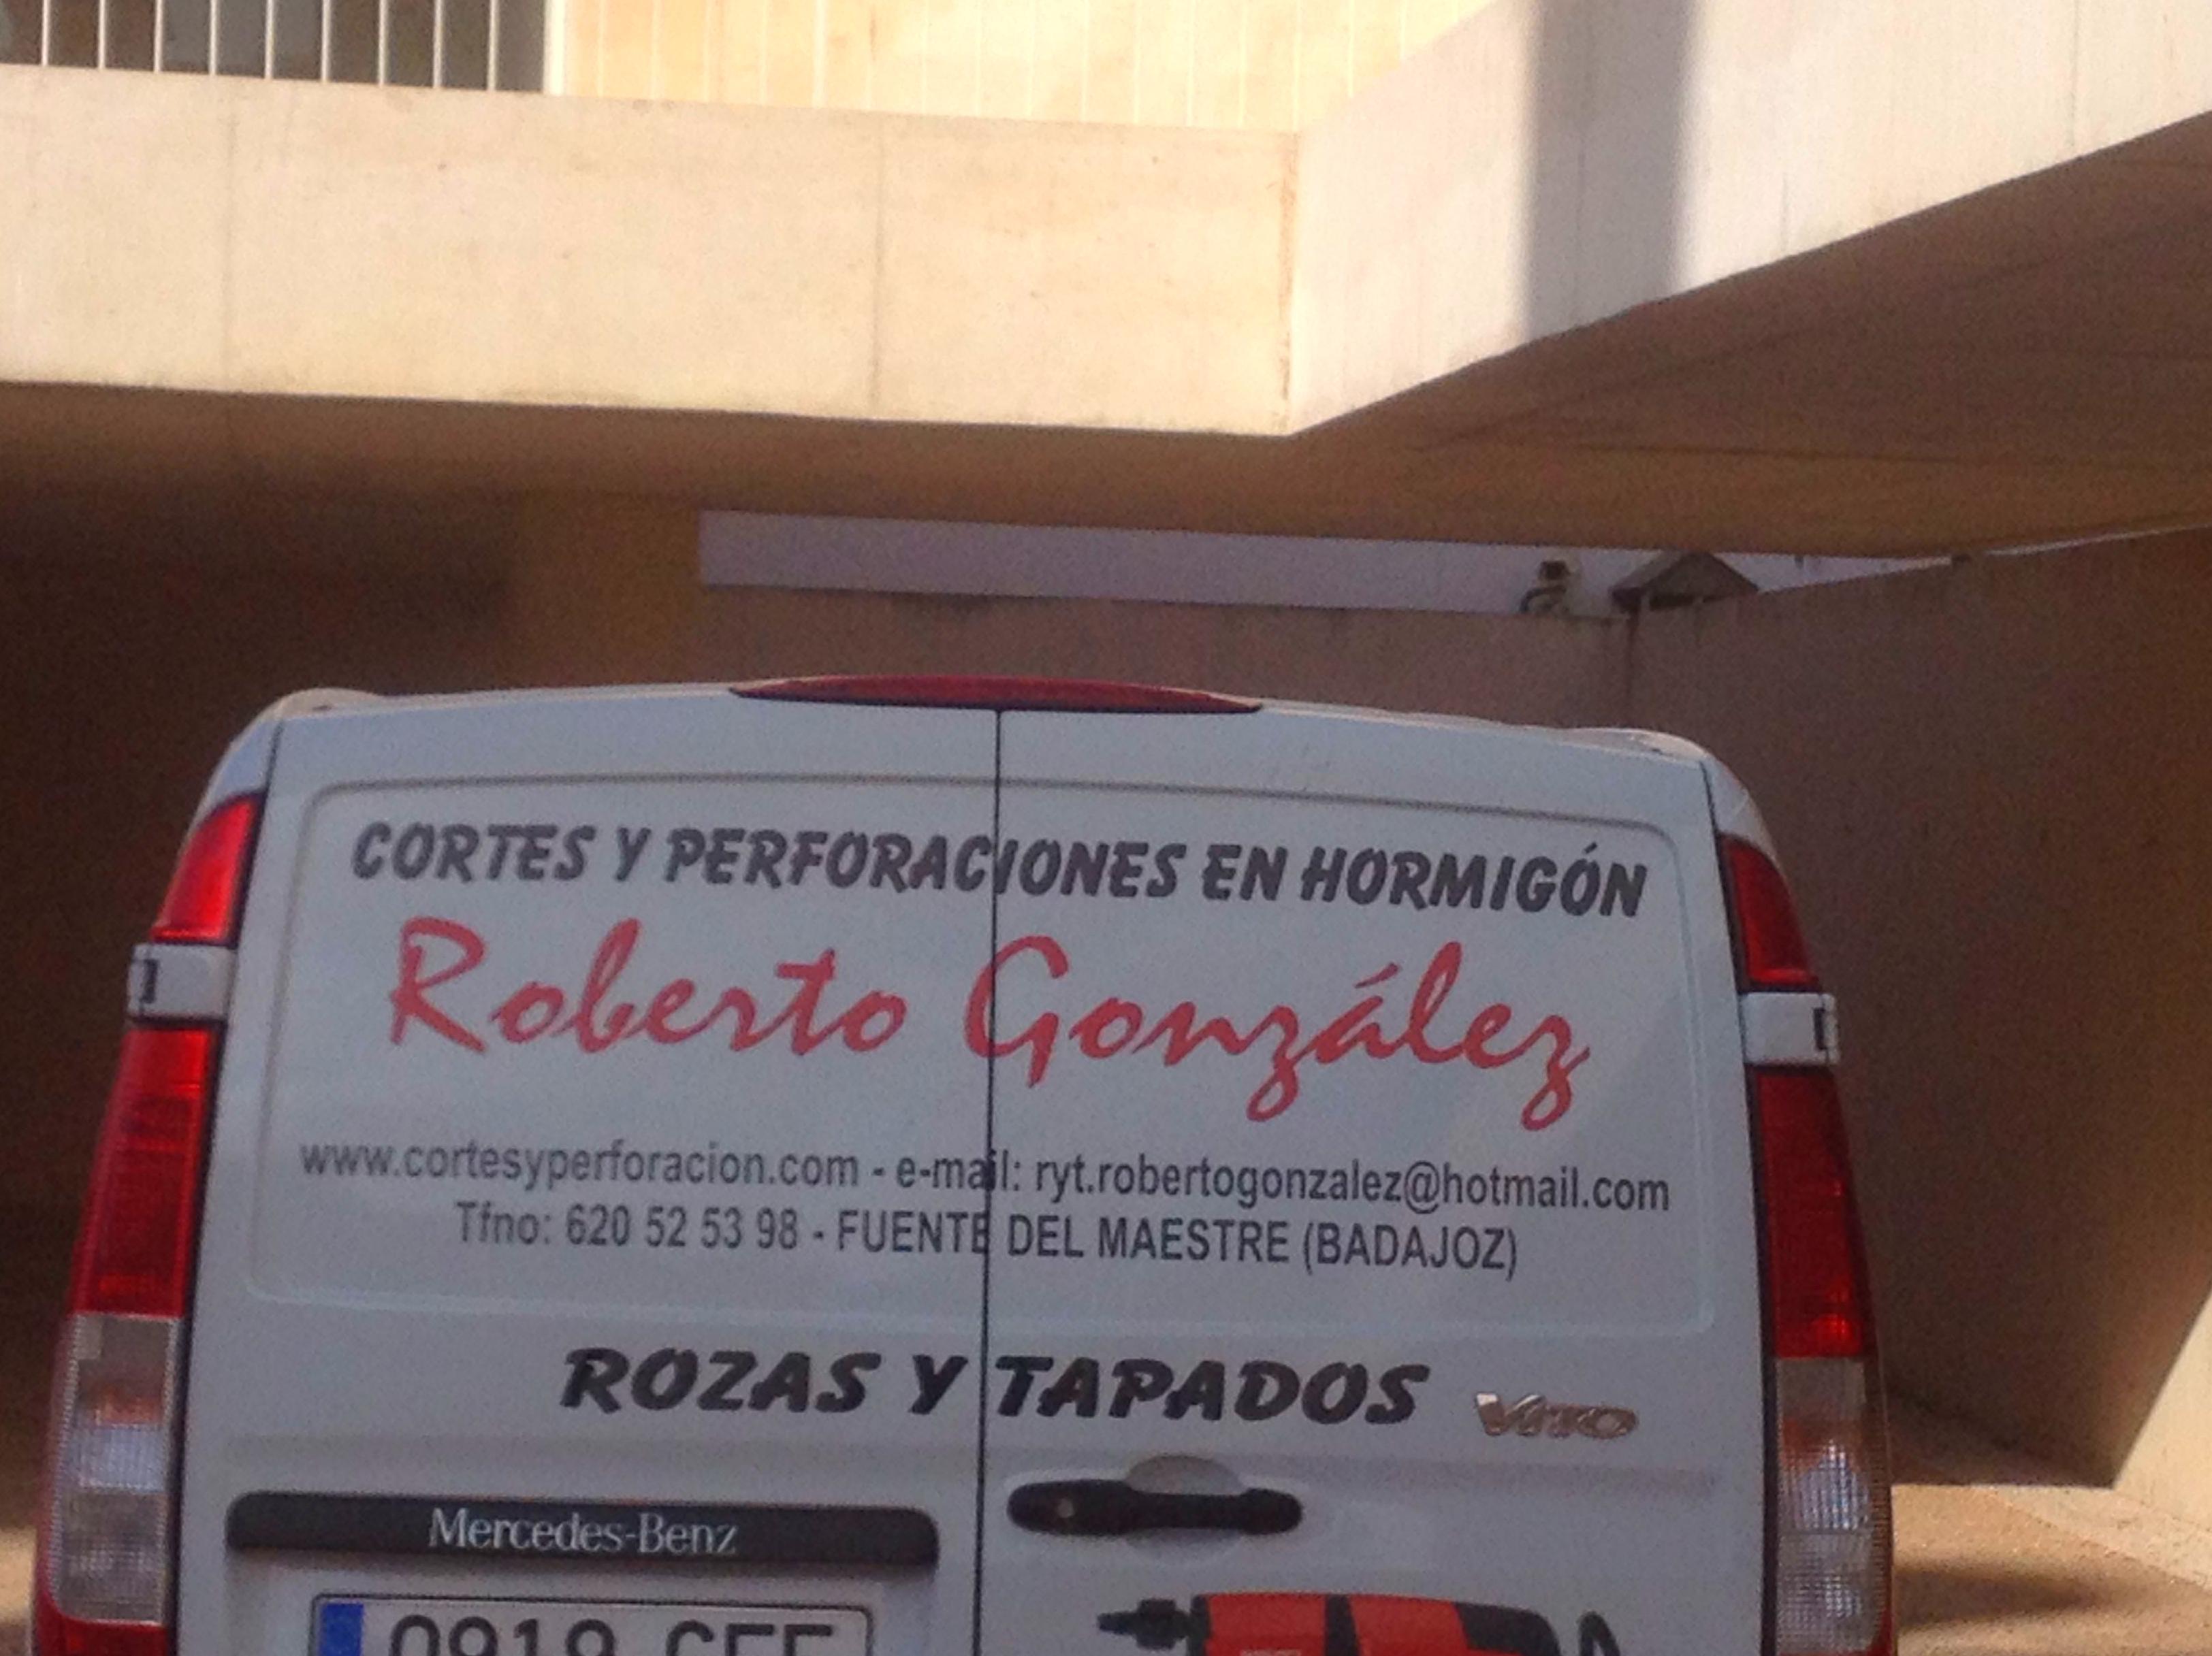 CORTES Y PERFORACIONES ROBERTO GONZÁLEZ.